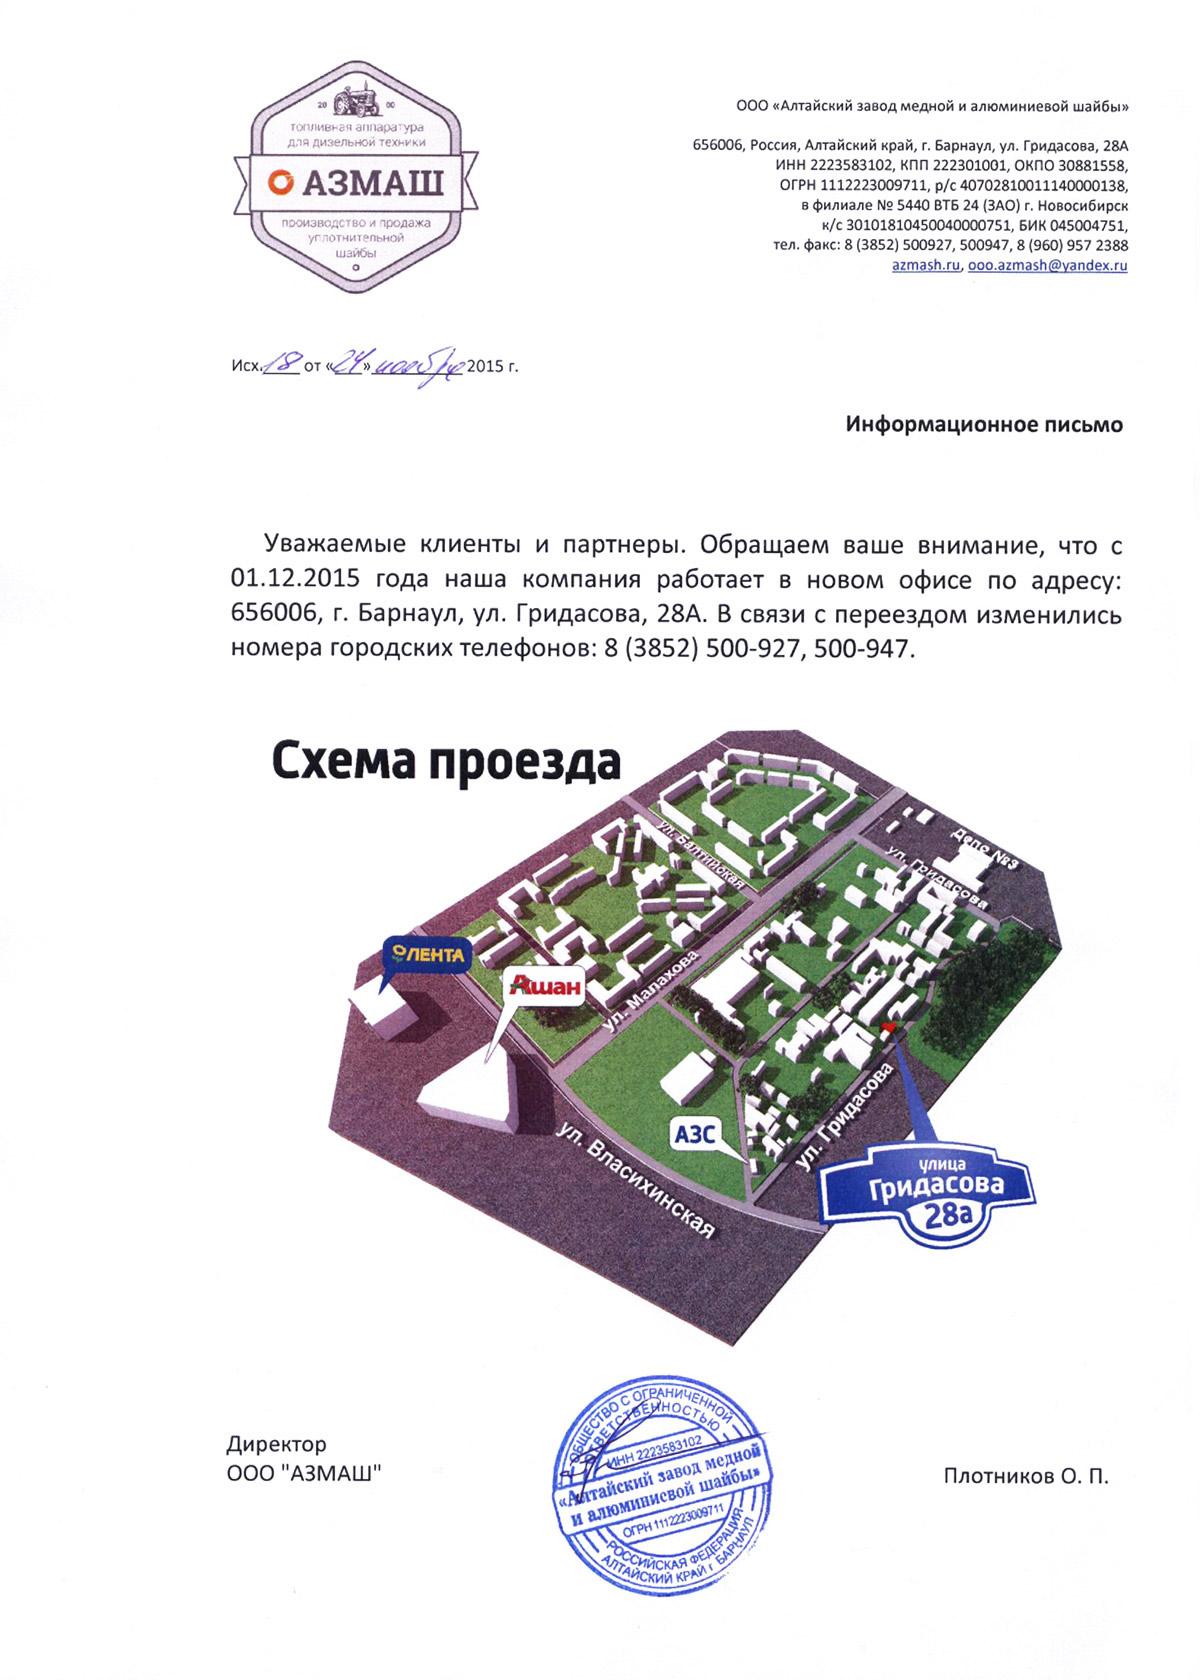 Схема нового адреса ООО АЗМАШ